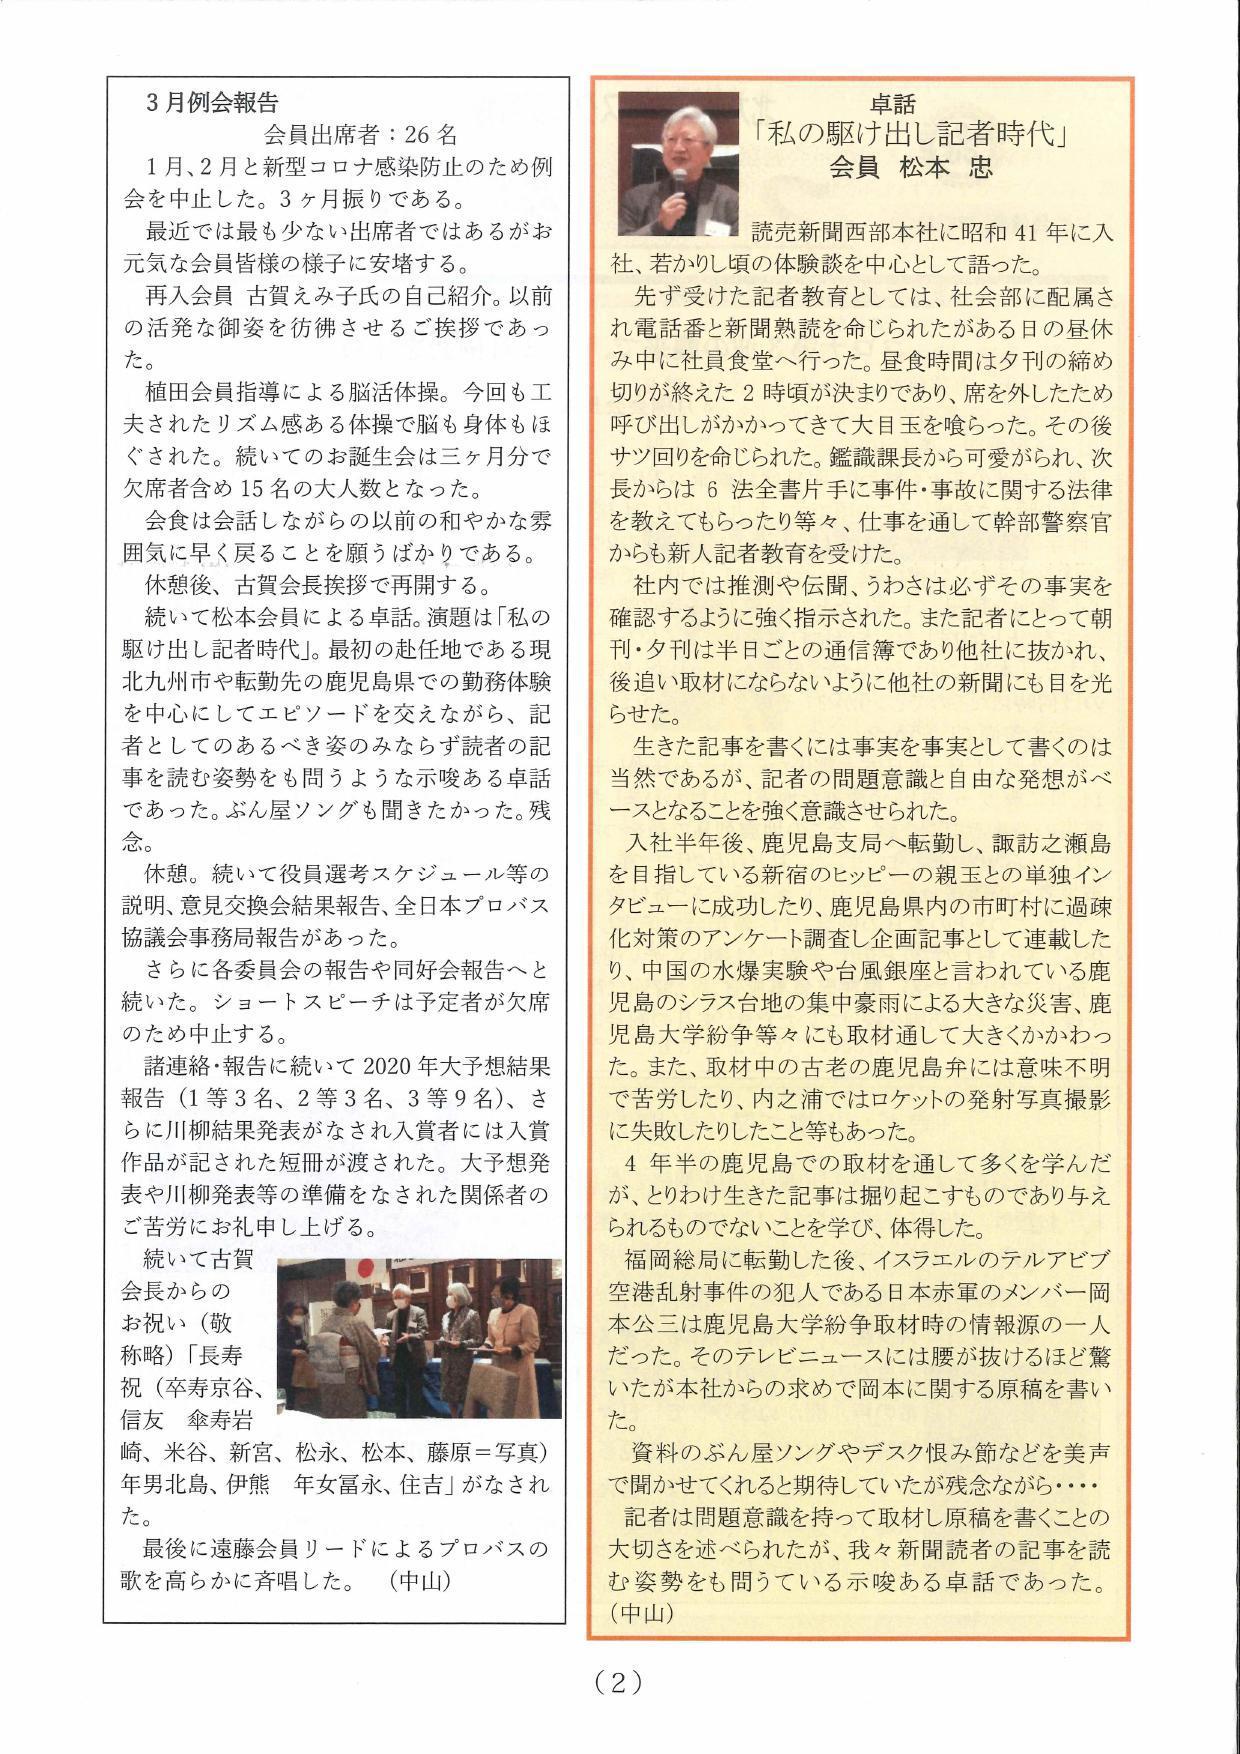 北九州プロバスクラブ月報 「つながり」No.178 令和3年4月号_b0000714_15553032.jpg